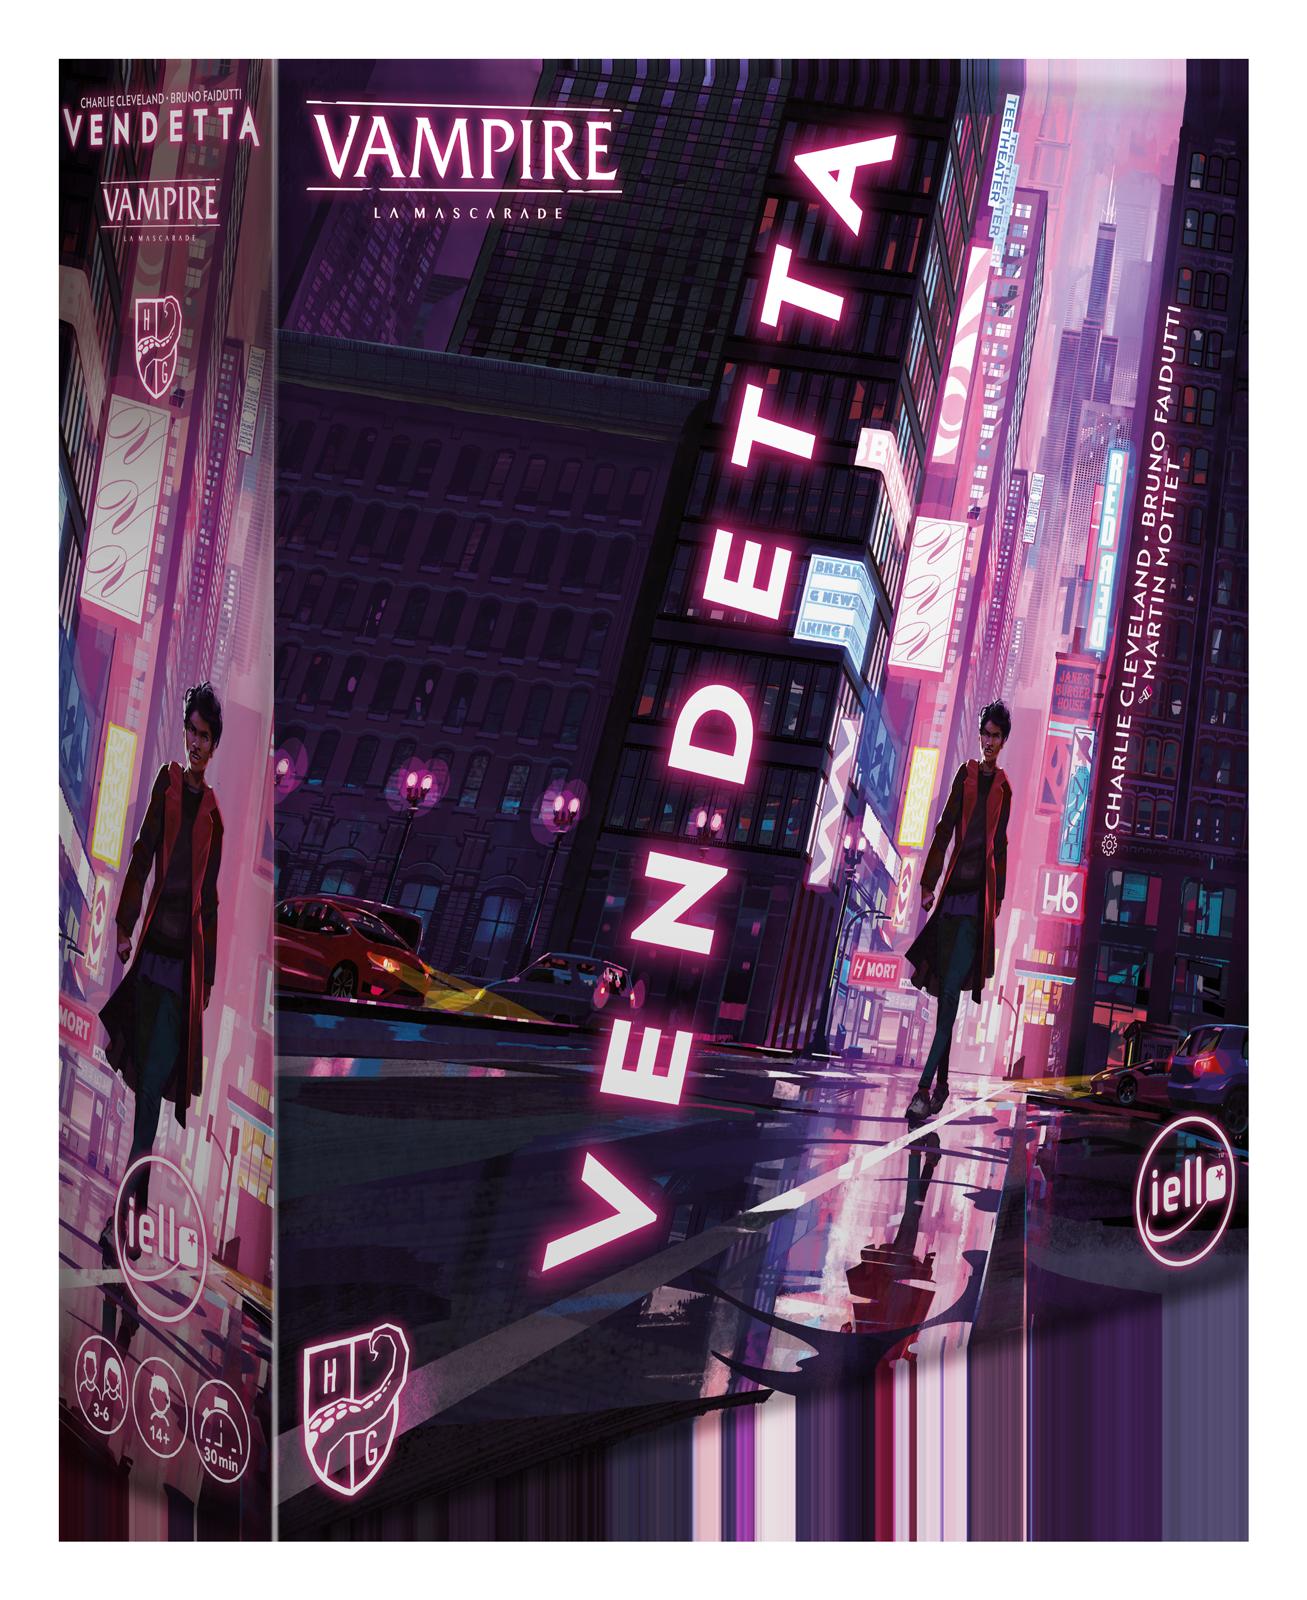 Vendetta - Vampire: La Mascarade (FR)